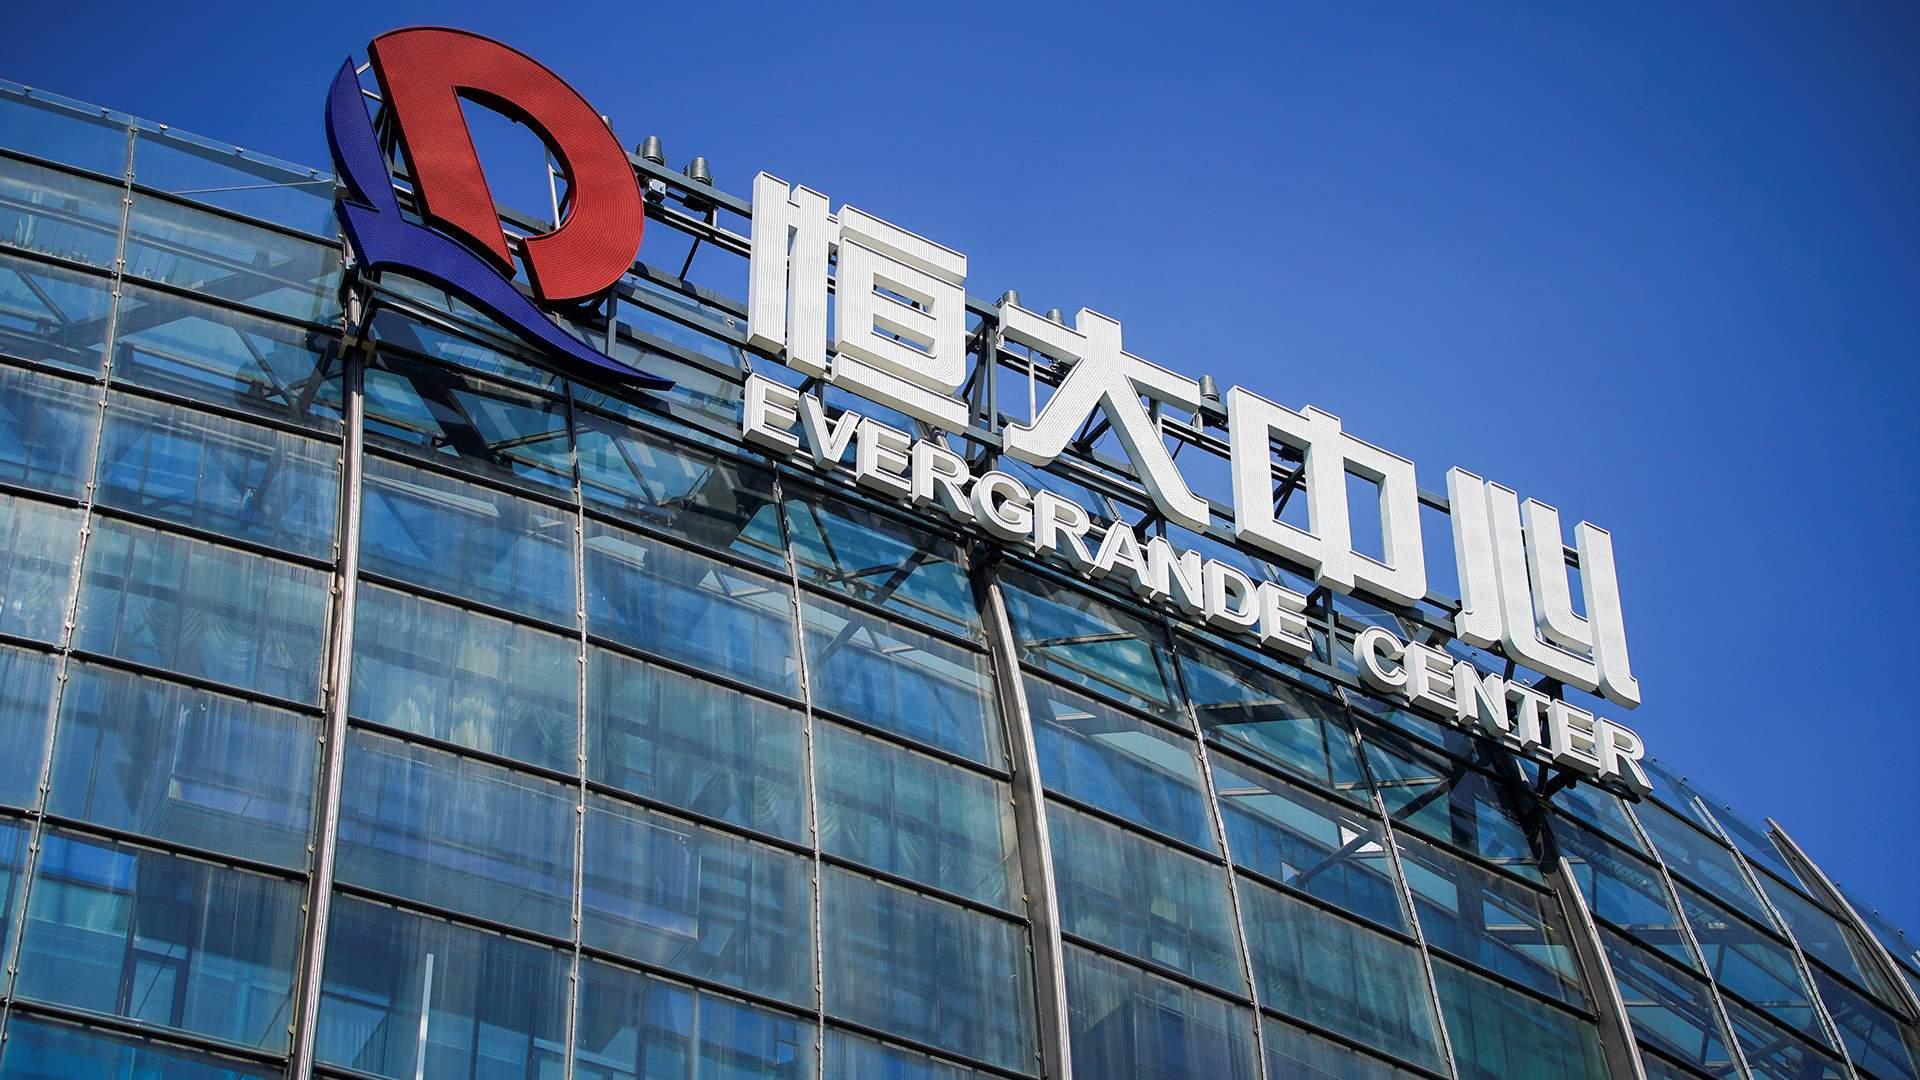 Tập đoàn bất động sản lớn nhất Trung Quốc Evergrande vì sao biến thành 'bom nợ' khủng?